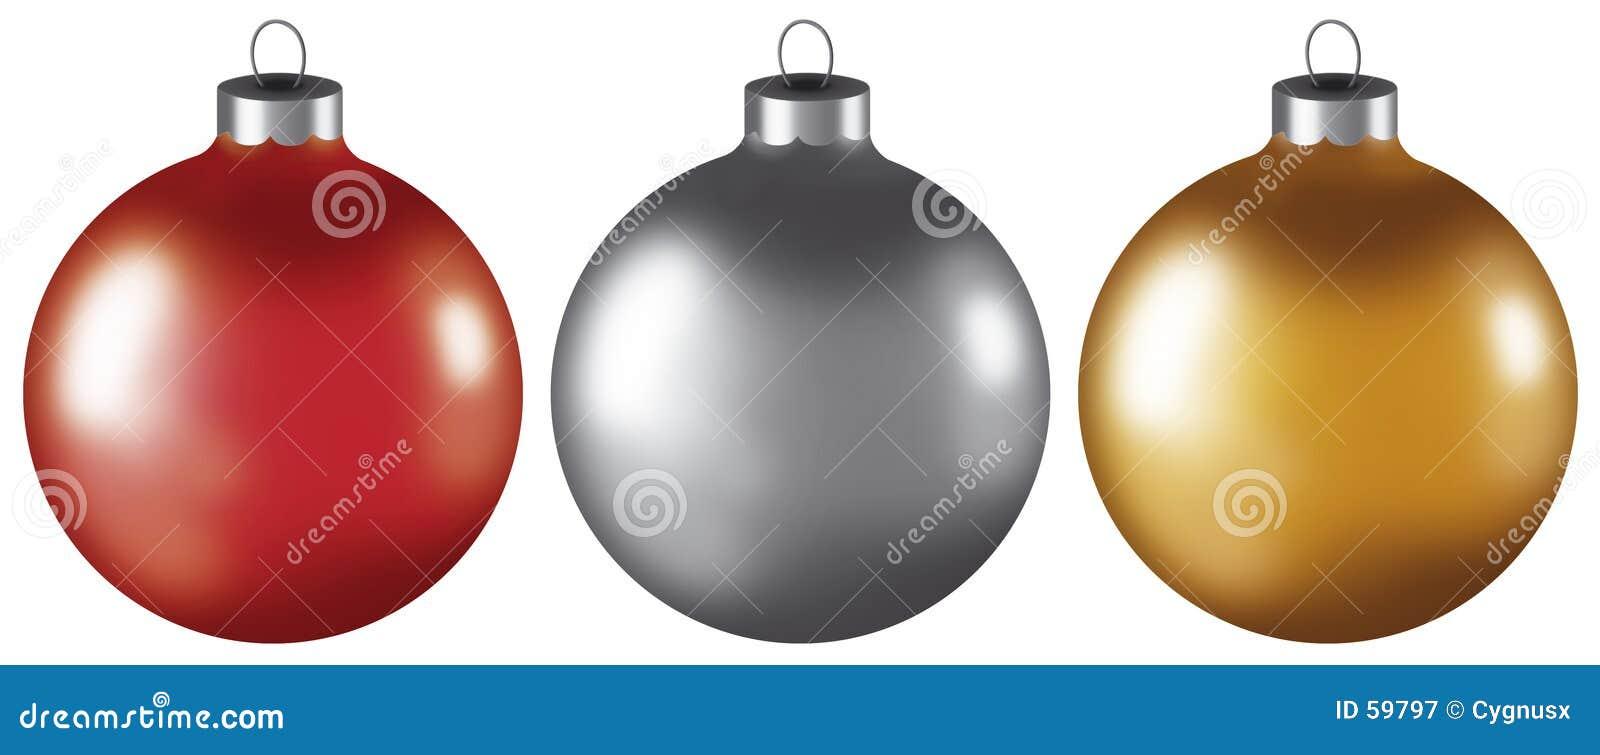 De Ornamenten van de Bal van Kerstmis